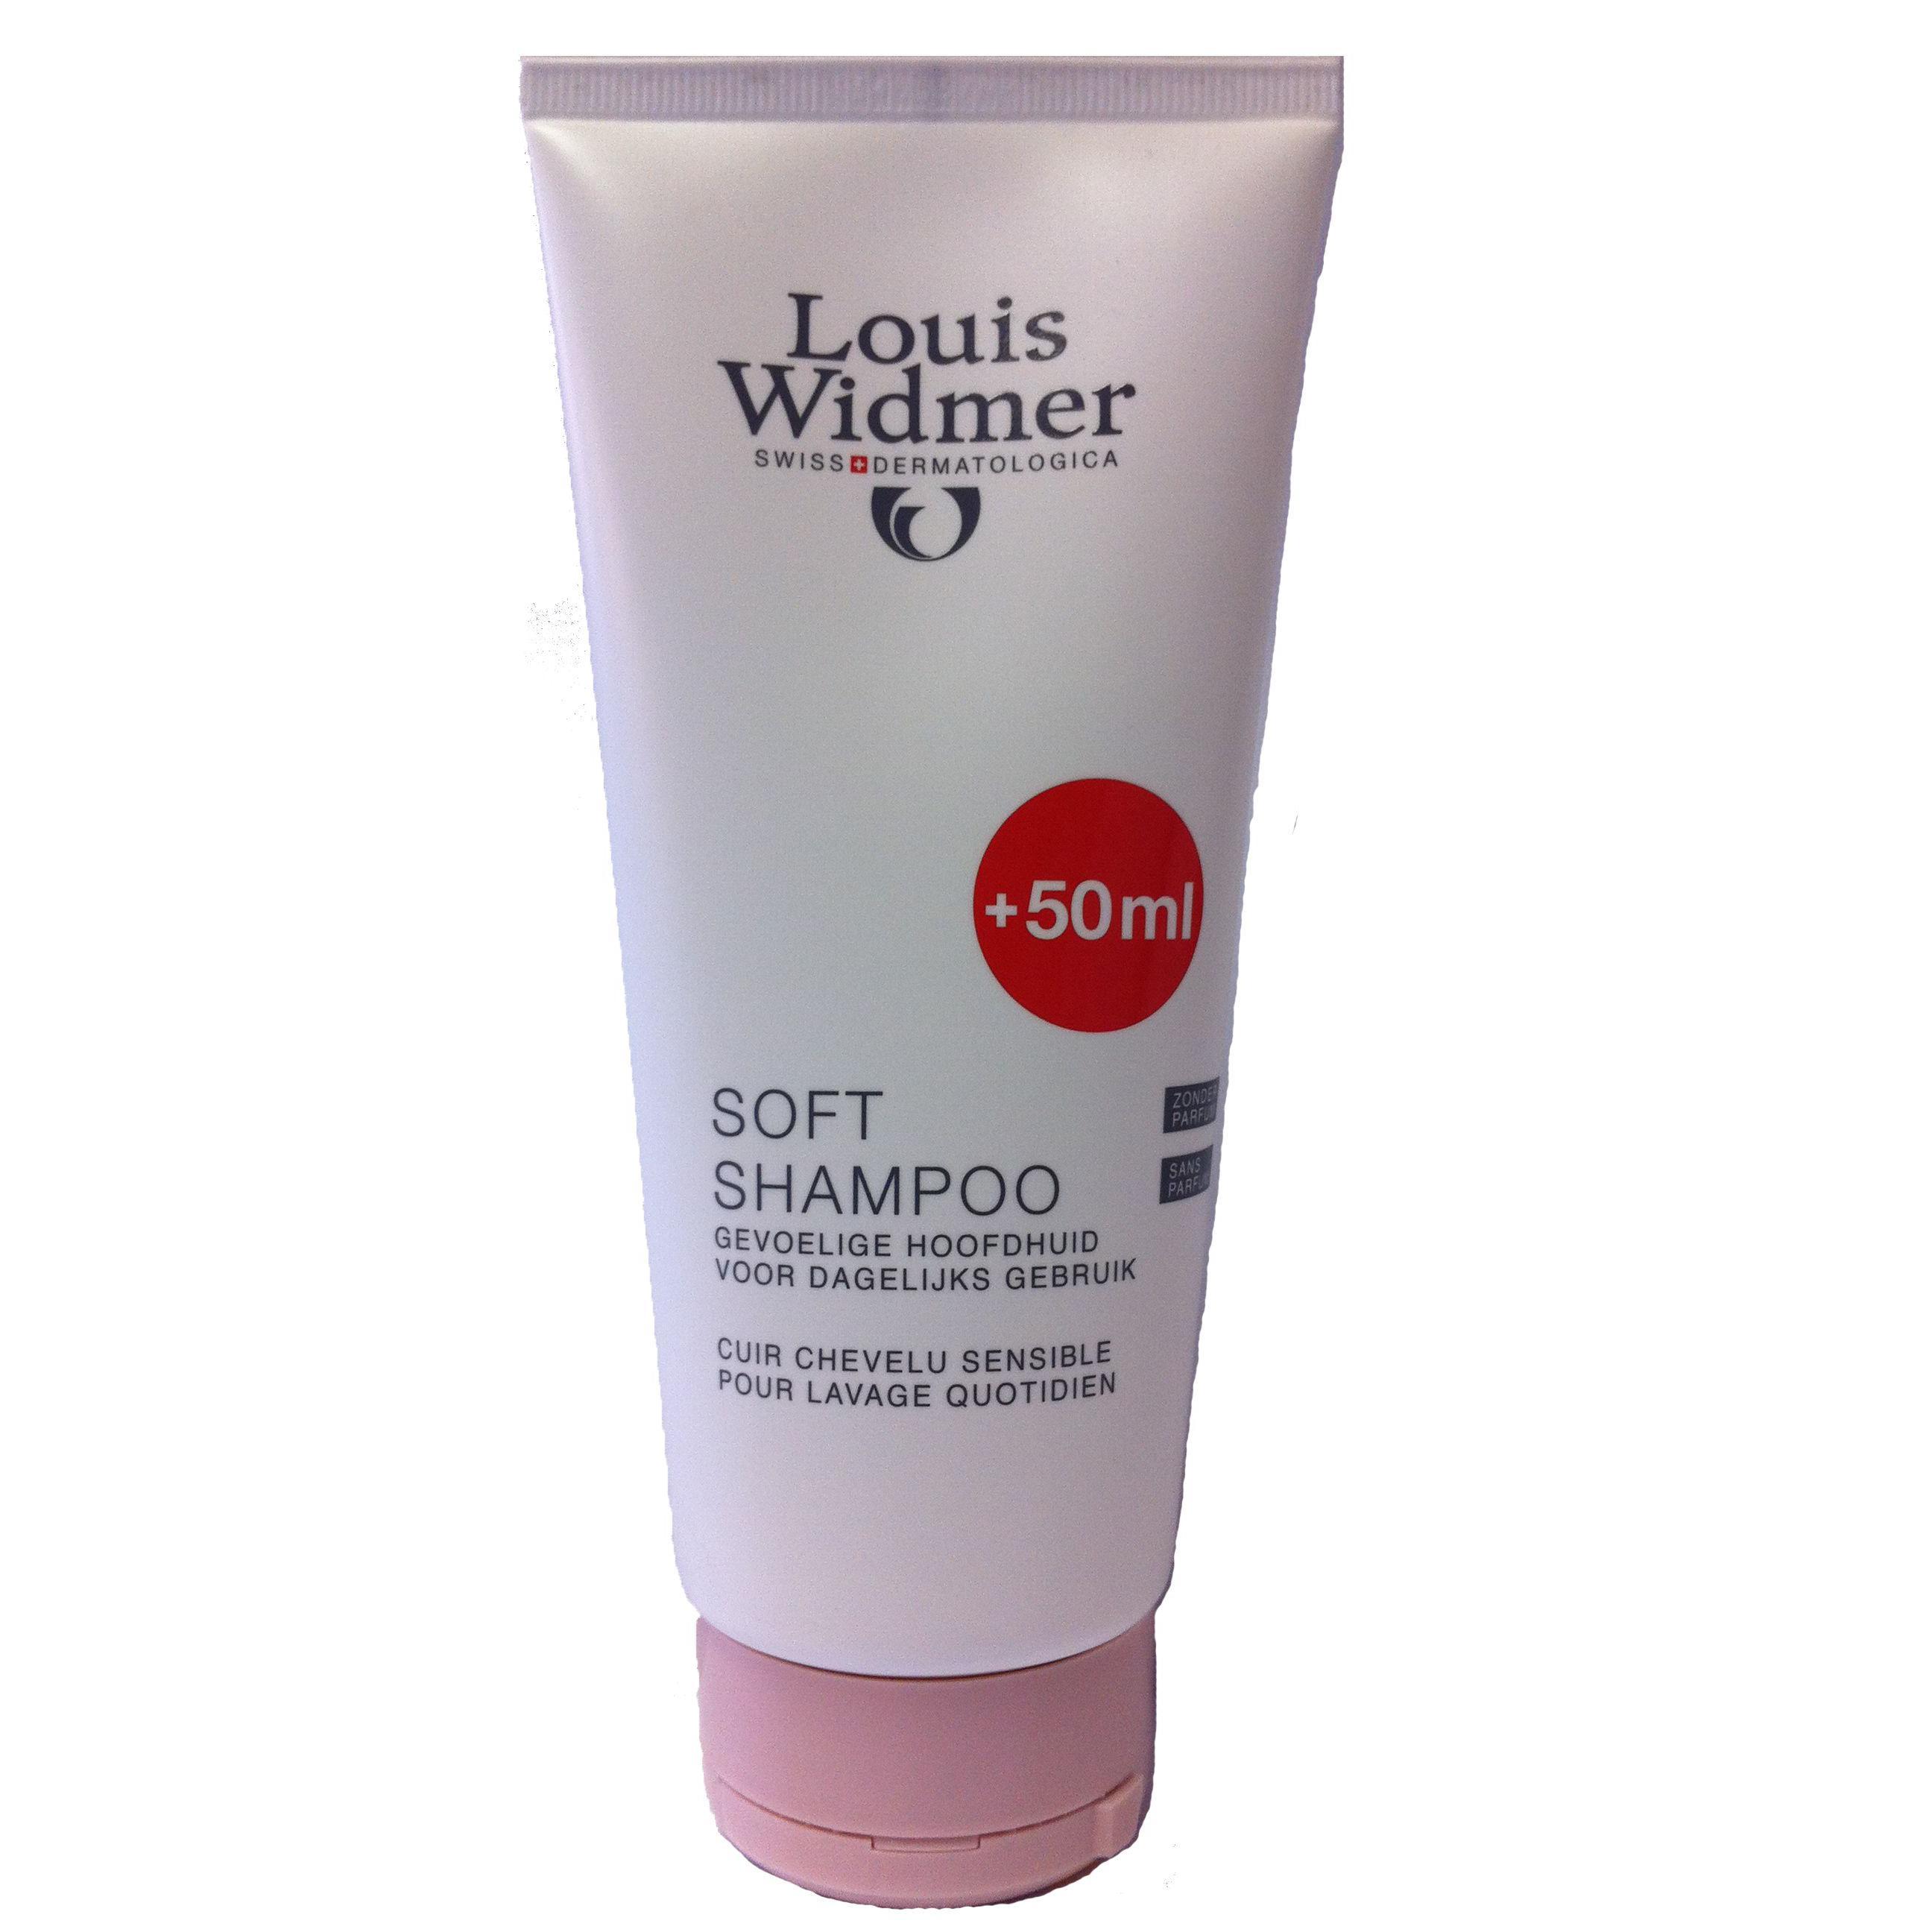 Louis Widmer Soft Shampoo unparfümiert Sonderangebot 50ml gratis